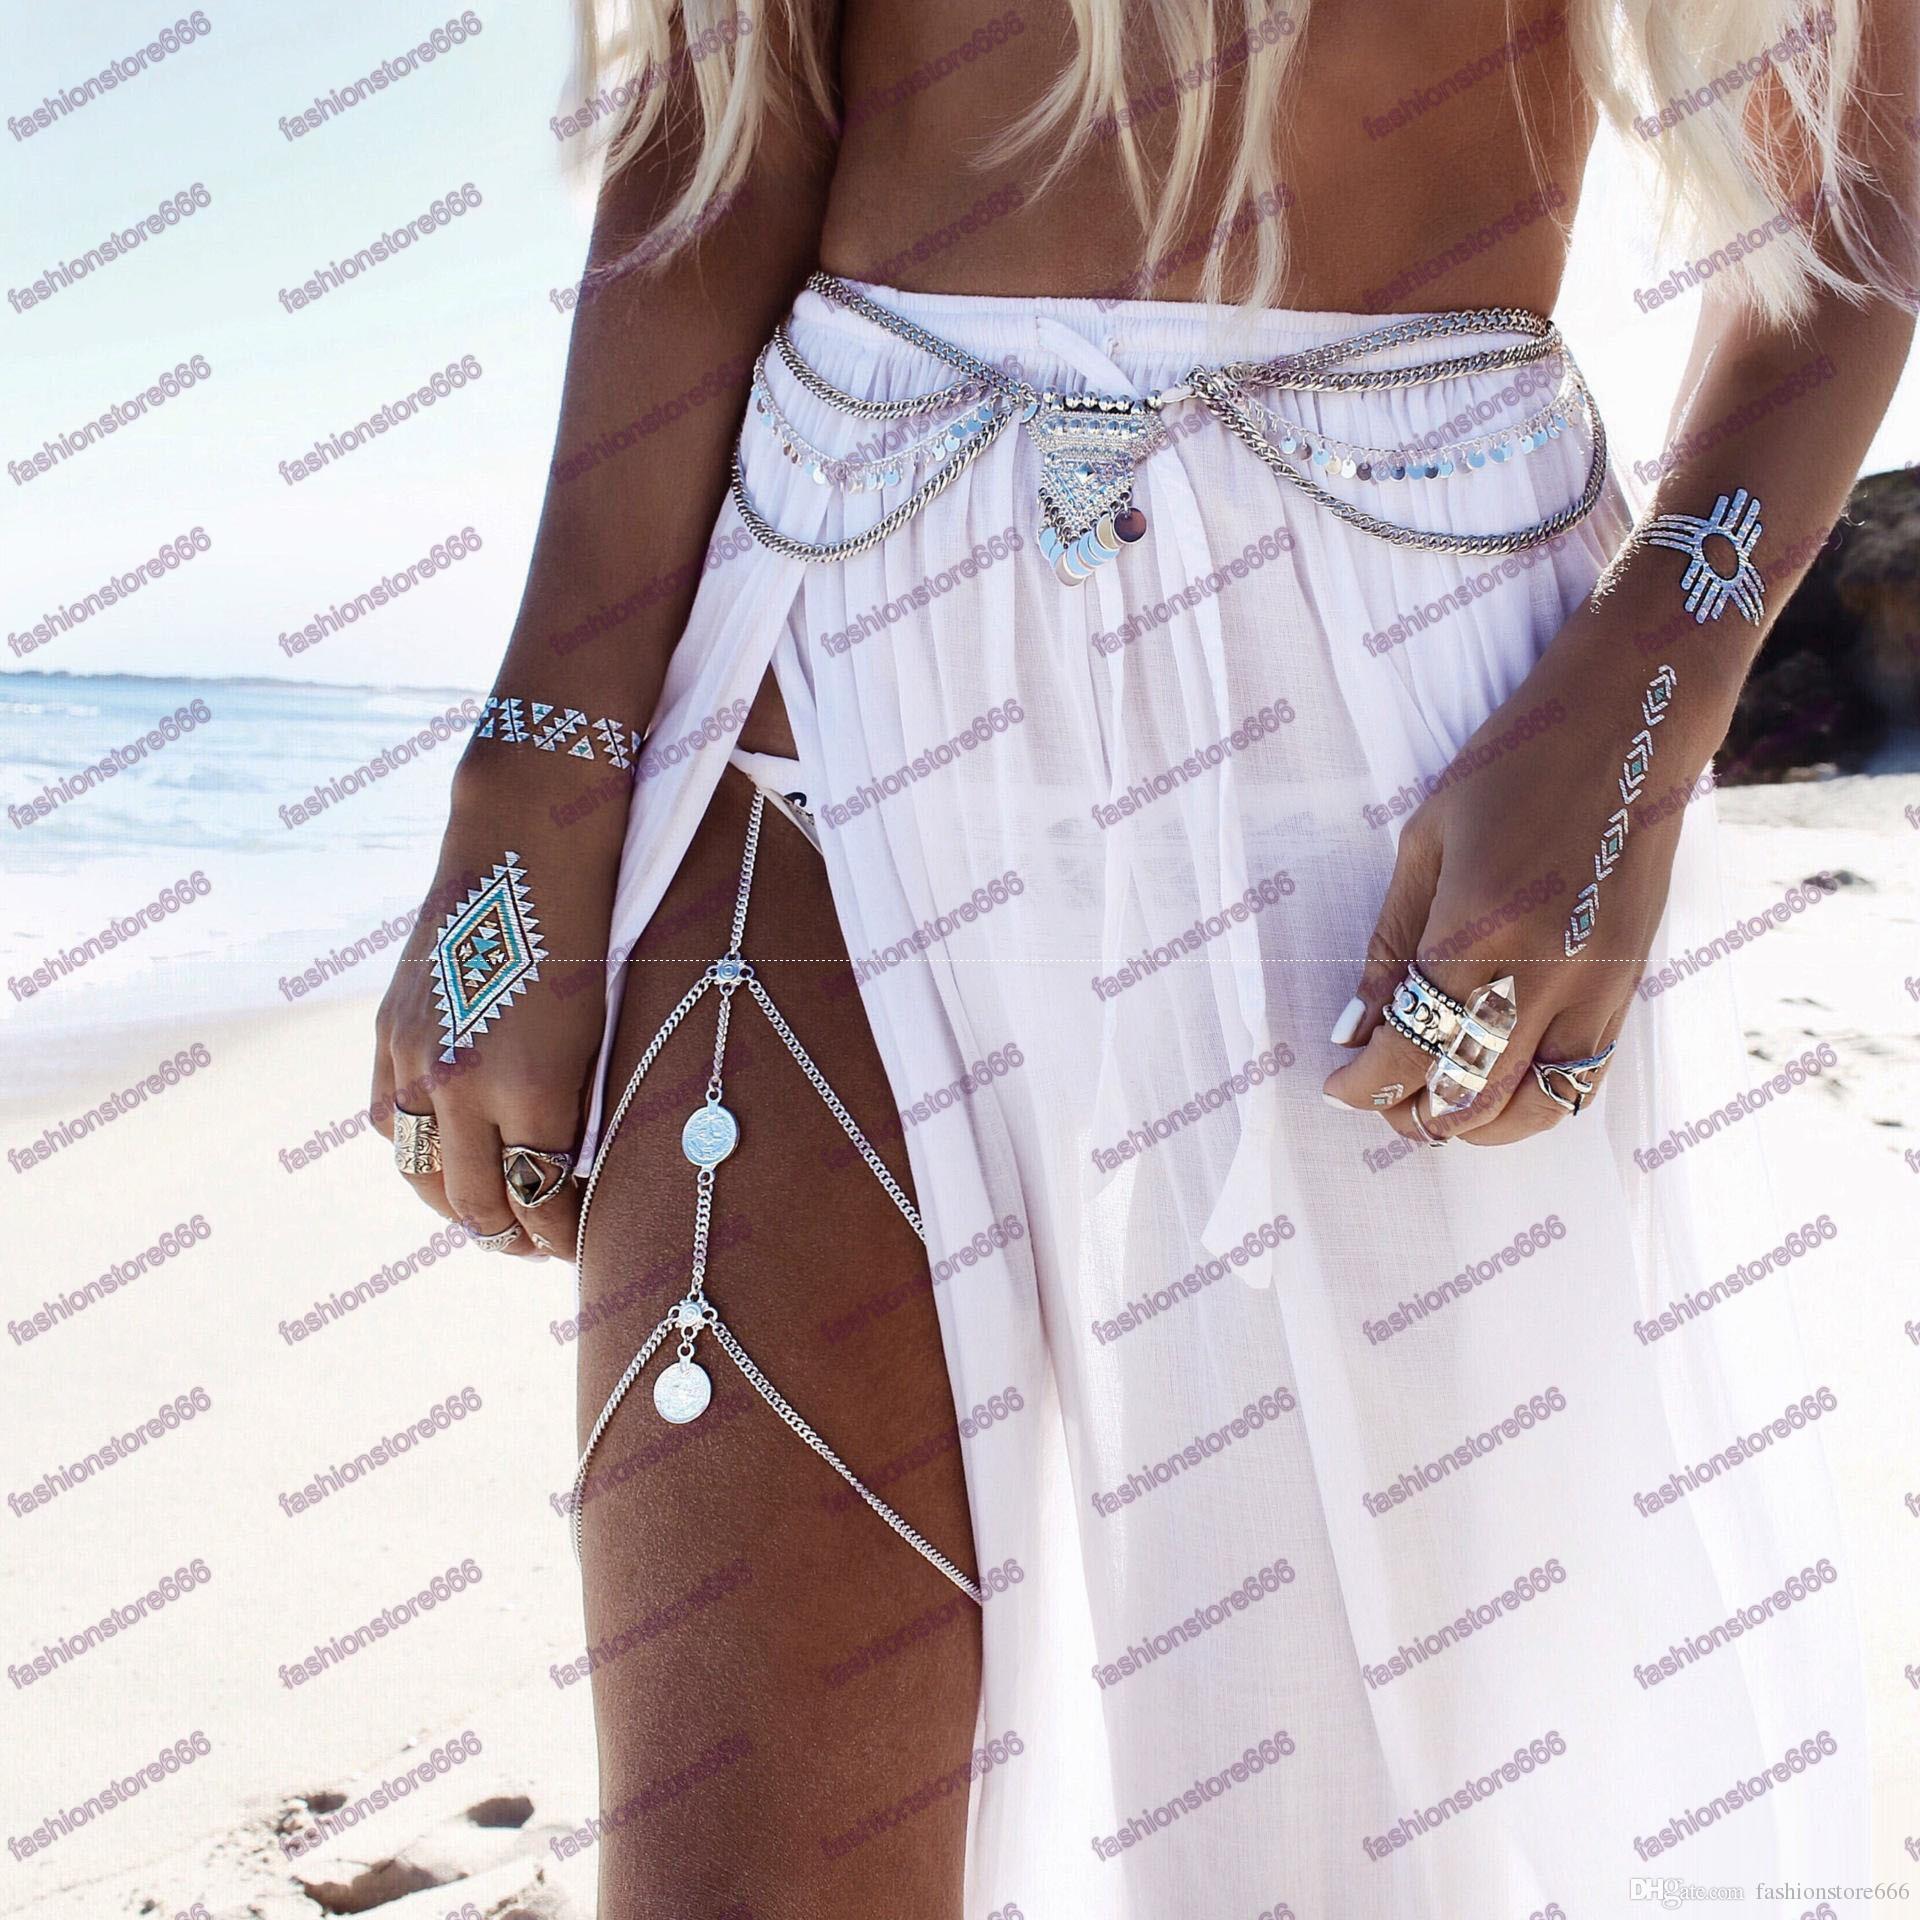 2017 Boho Hamsa El Para Uyluk Zincirler Yaz Seksi gümüş ve Altın Renk Vücut Göbek Bacak Demeti Zincirleri Kadınlar vücut Takı